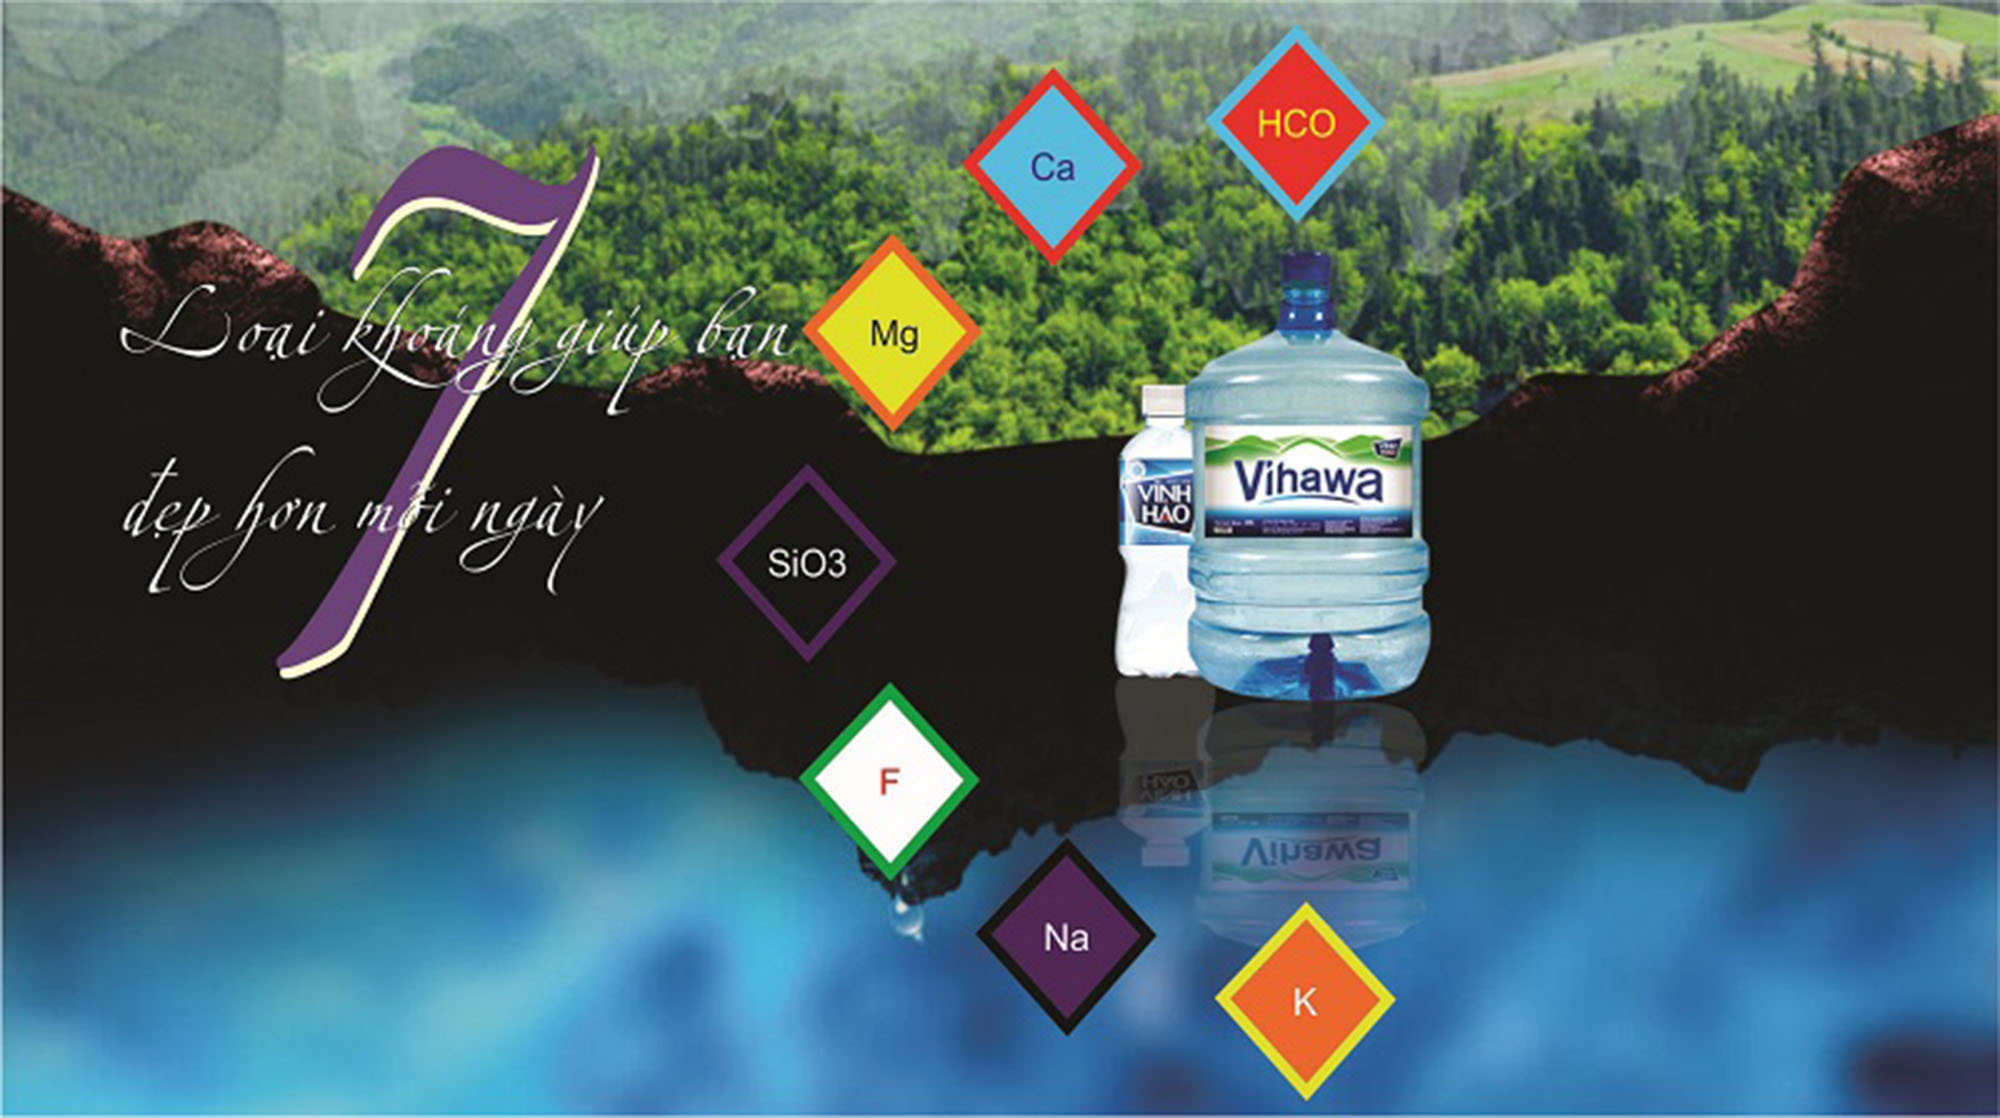 Nước Vĩnh Hảo, Vihawa